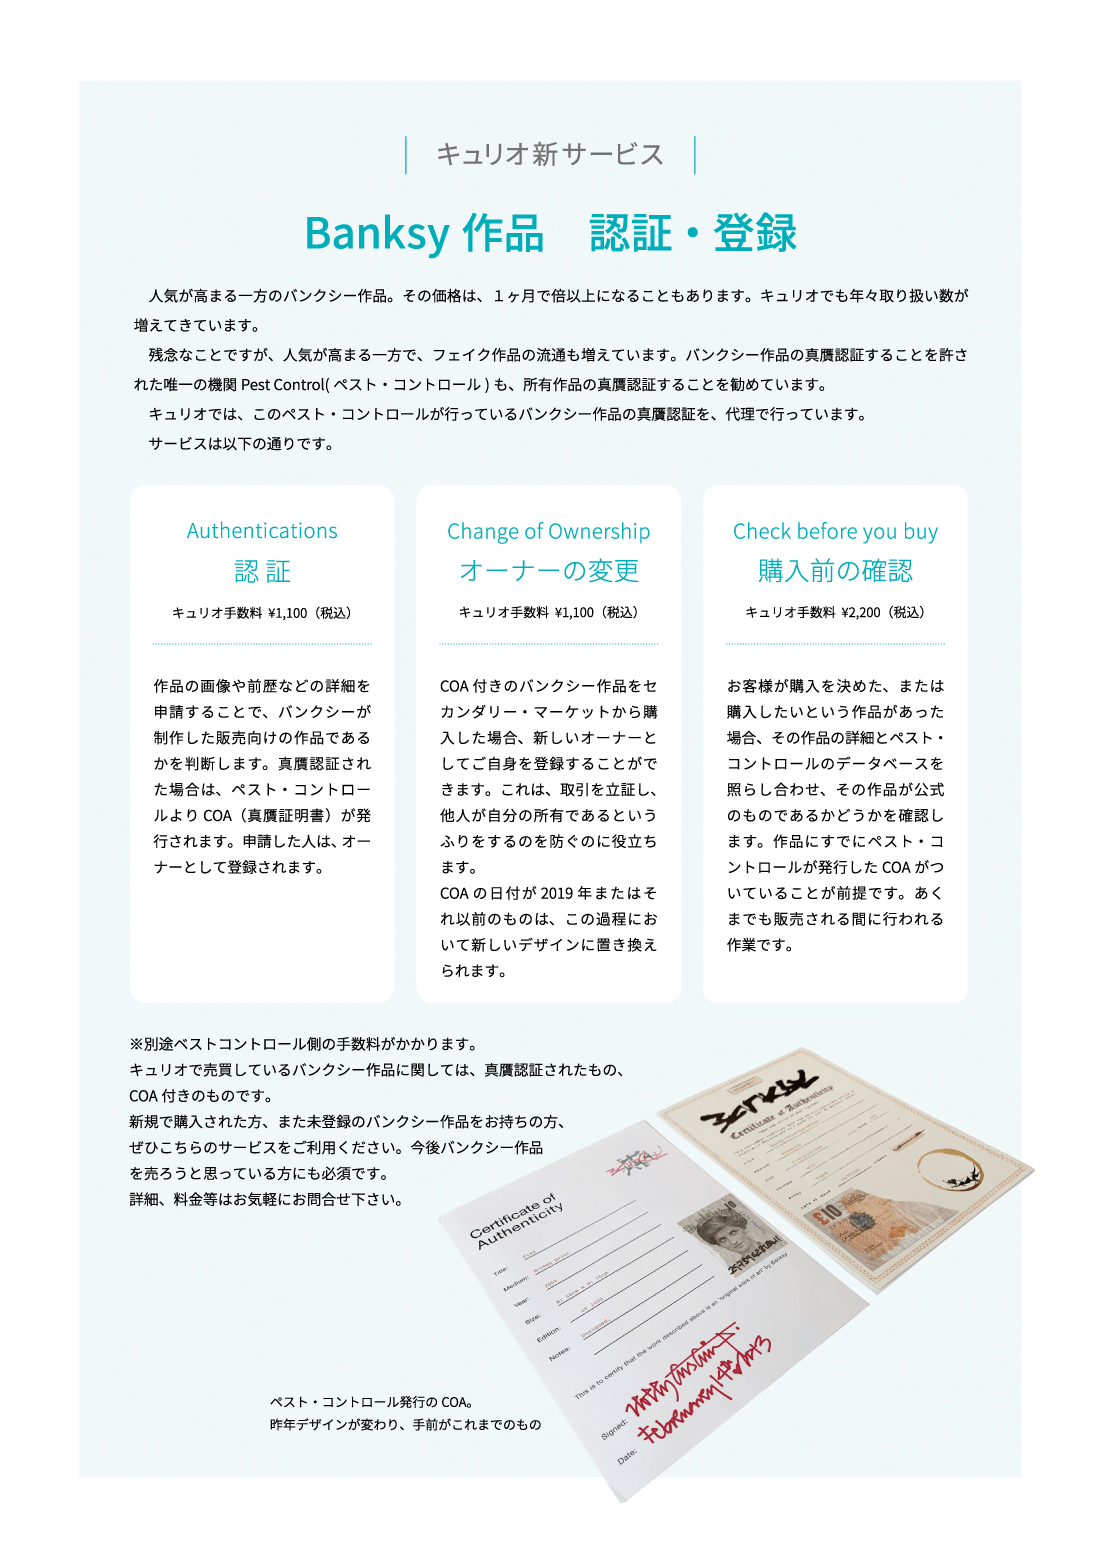 キュリオ新サービス Banksy作品 認証・登録